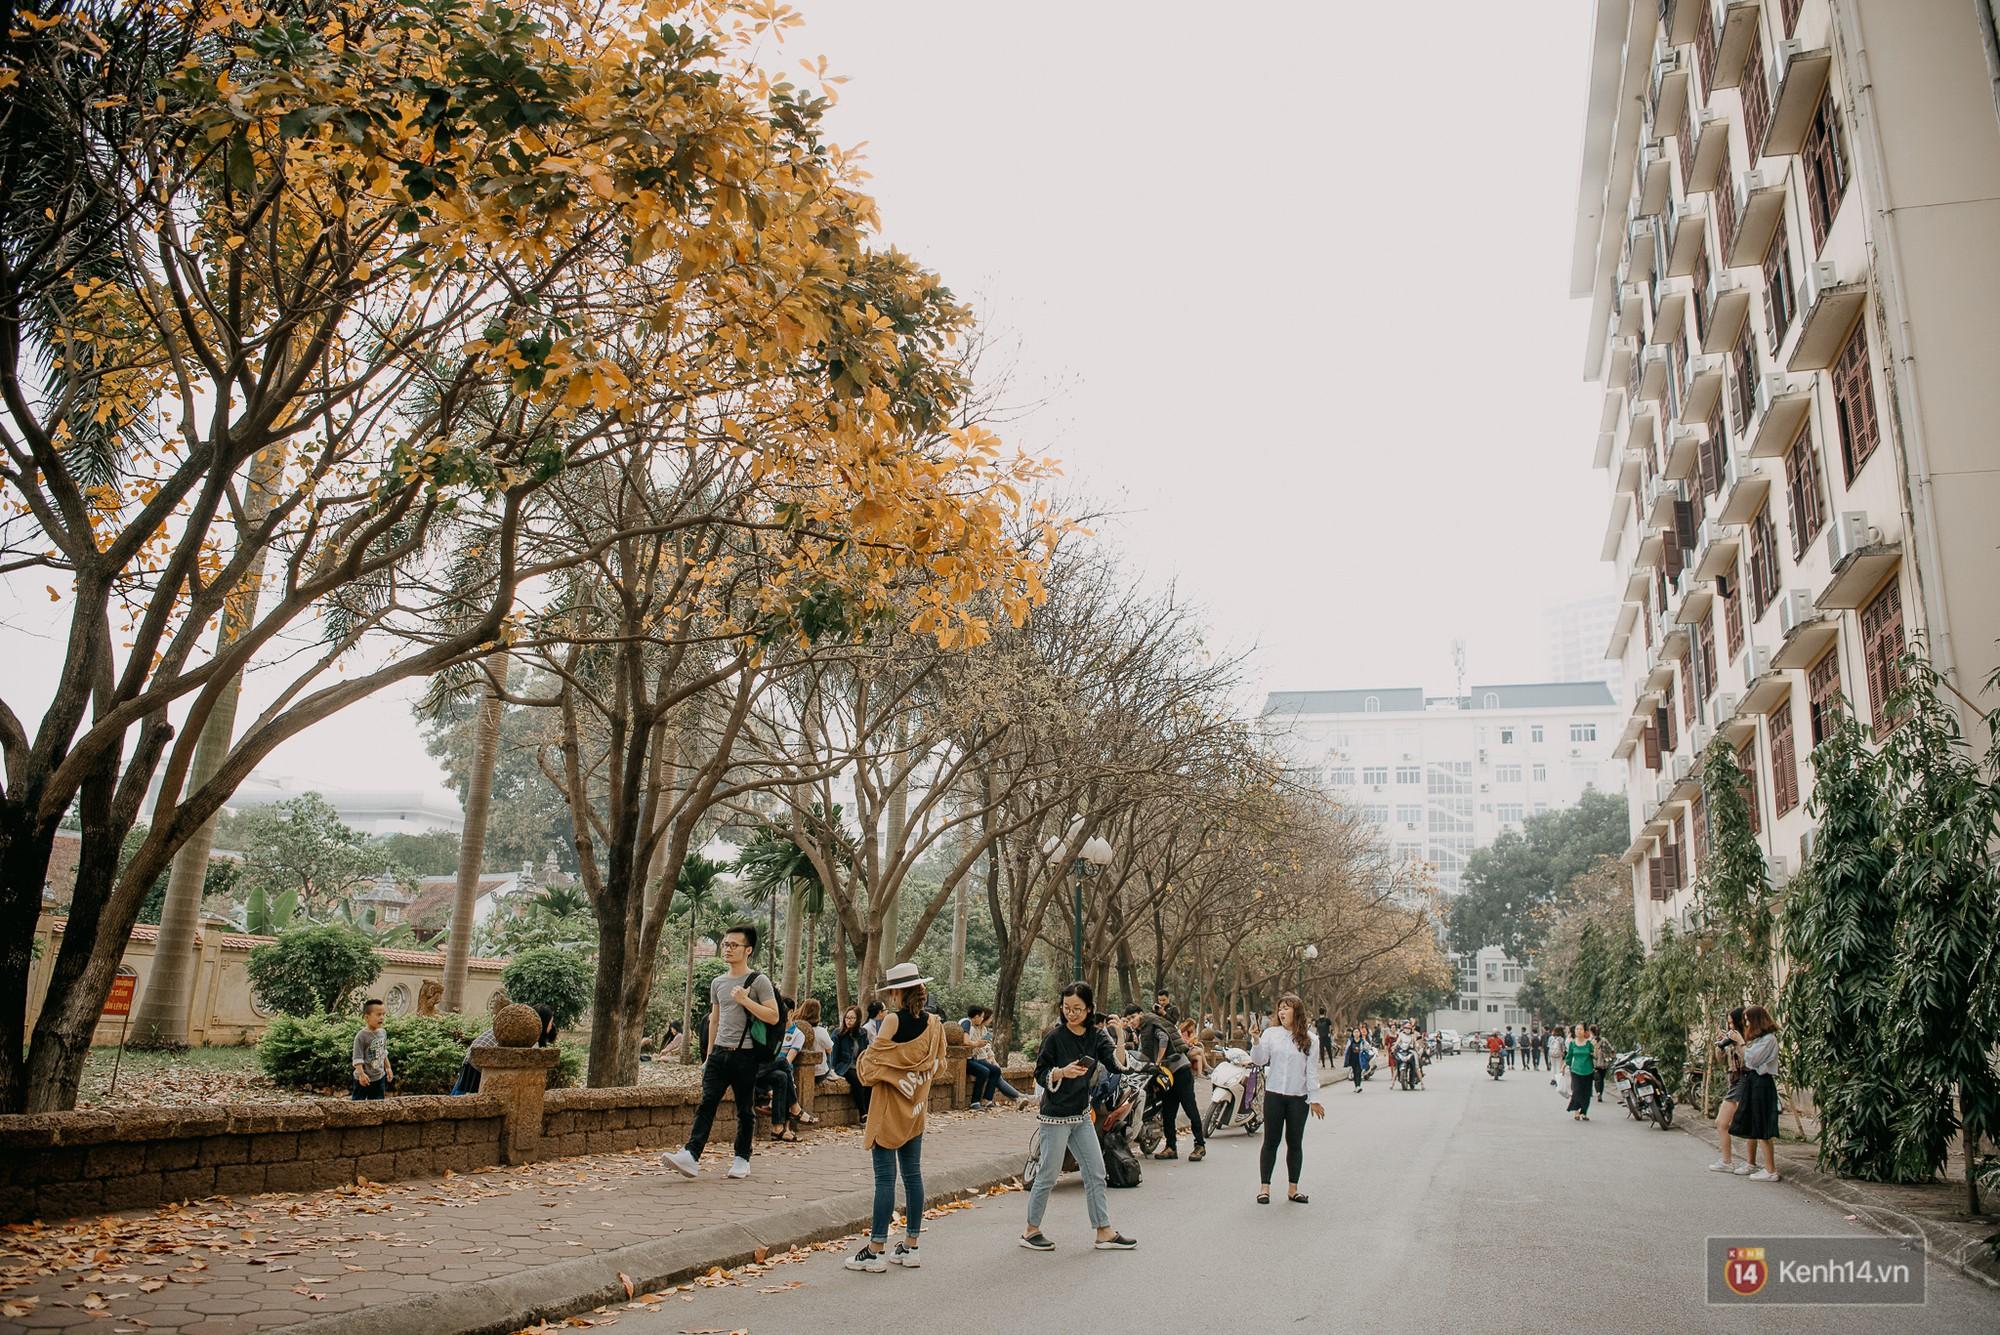 Sự thật phũ phàng tại con đường tình yêu đẹp nhất Hà Nội: Lá vàng rụng hết, người chật như nêm tranh chụp ảnh sống ảo - Ảnh 6.